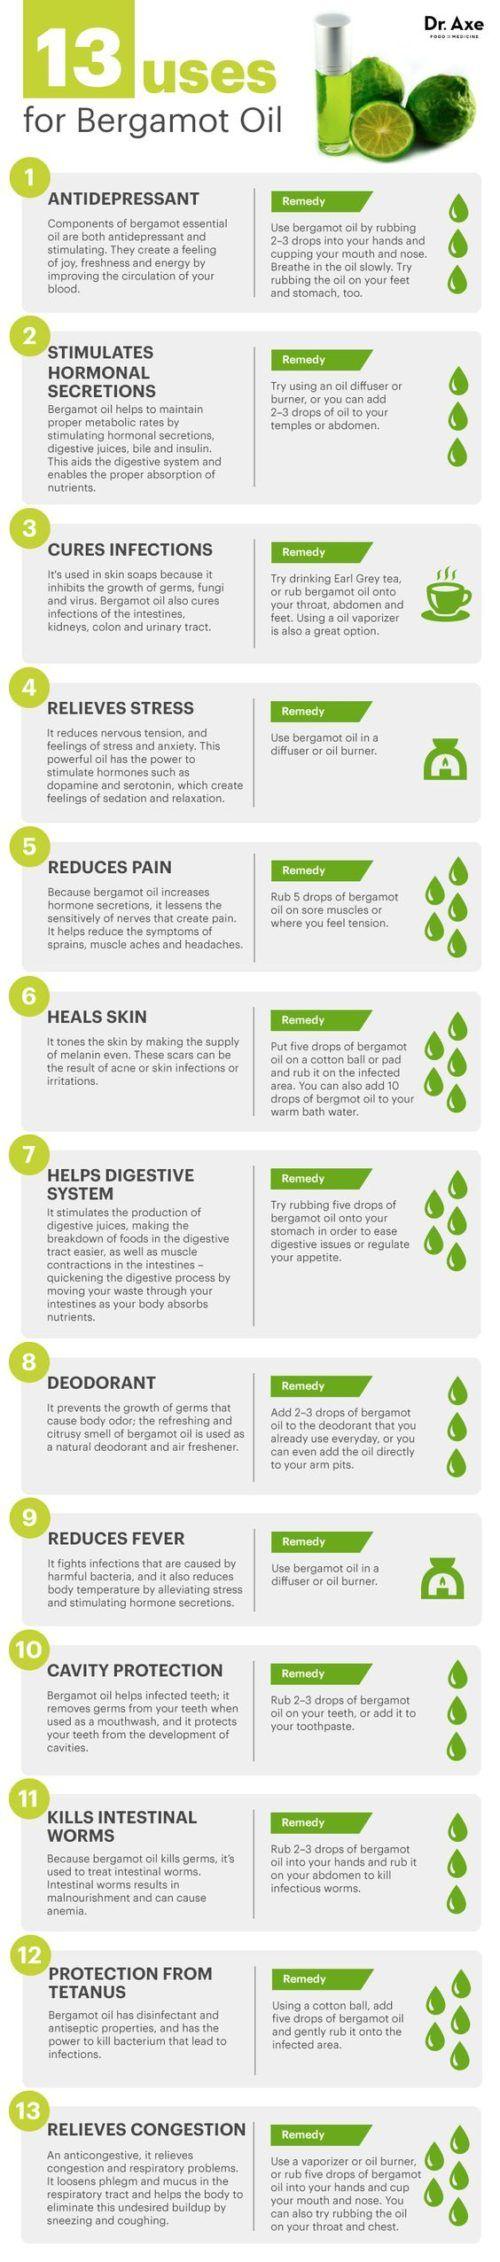 13 Uses for Bergamot Oil